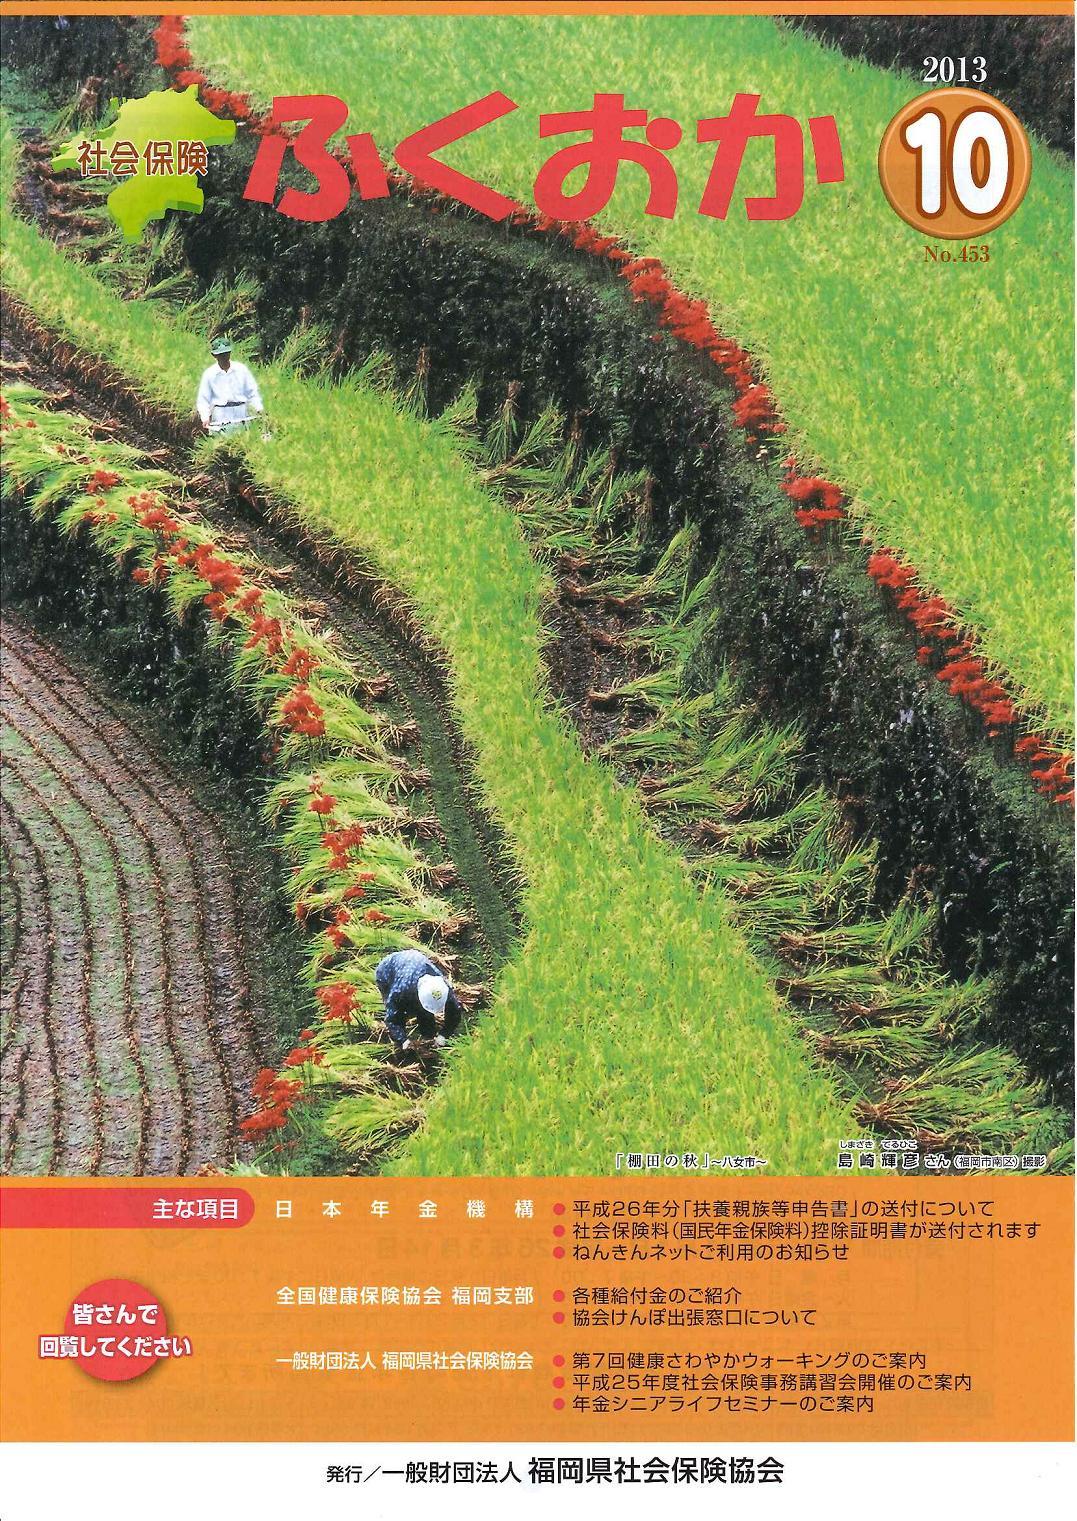 社会保険 ふくおか 2013年 10月号_f0120774_14594378.jpg